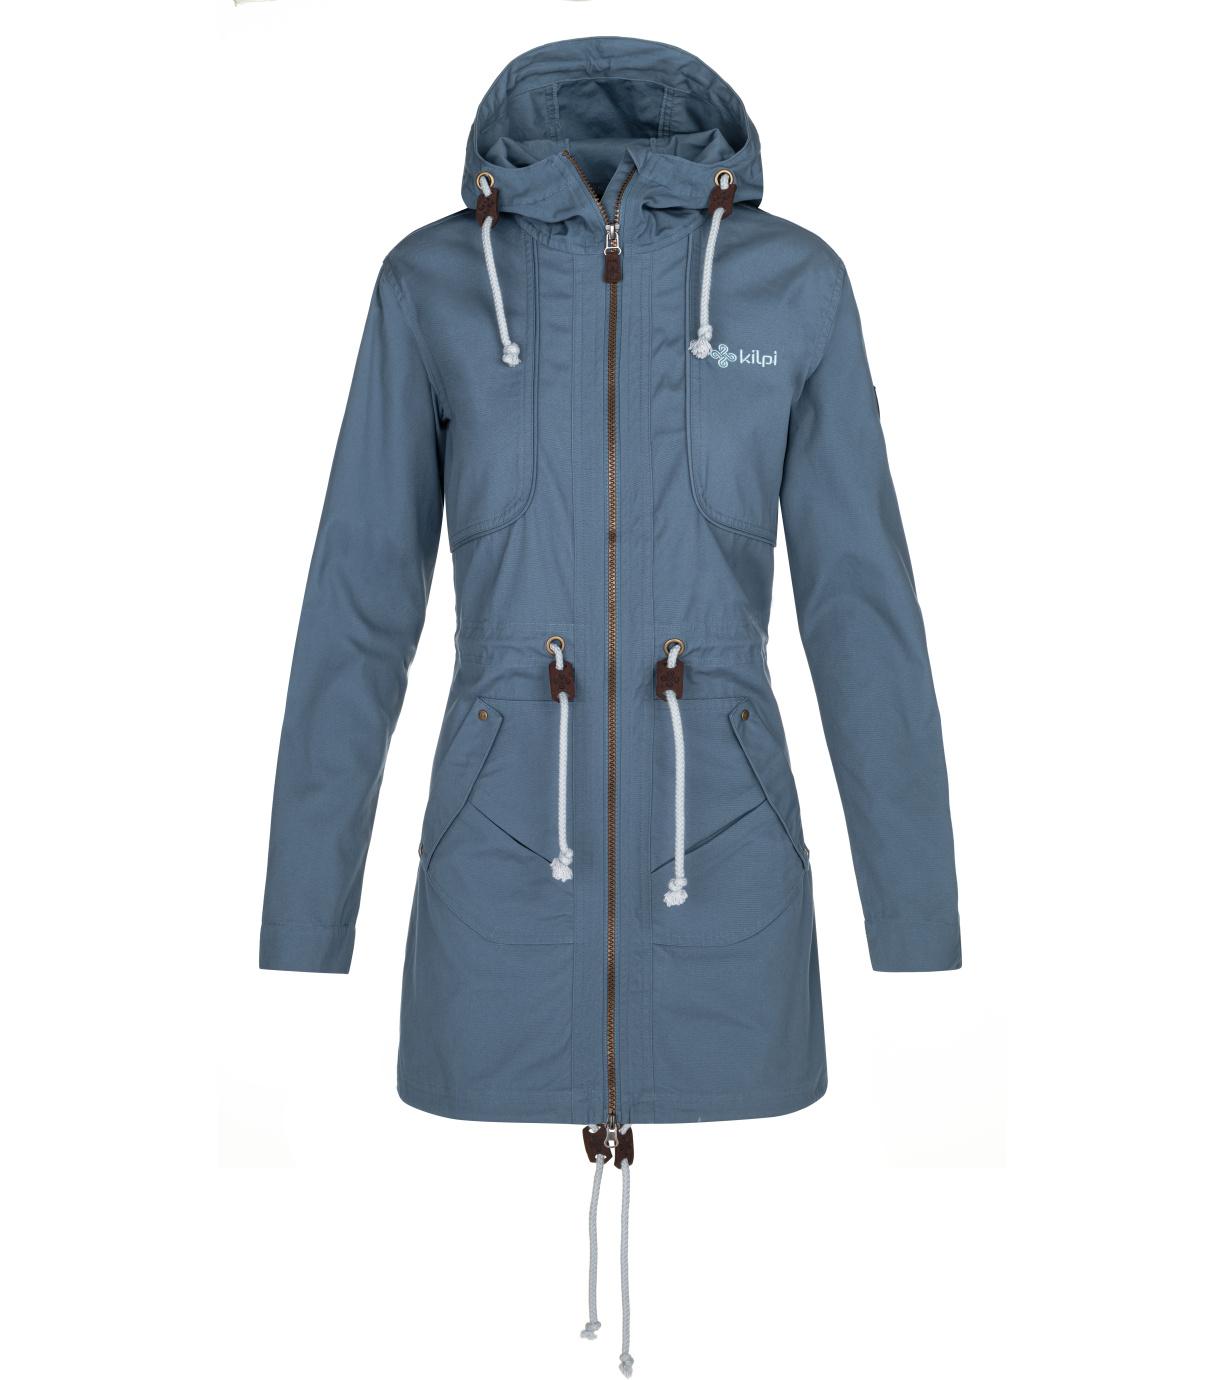 KILPI Dámský podzimní kabát PAU-W NL0081KIBLU Modrá 36